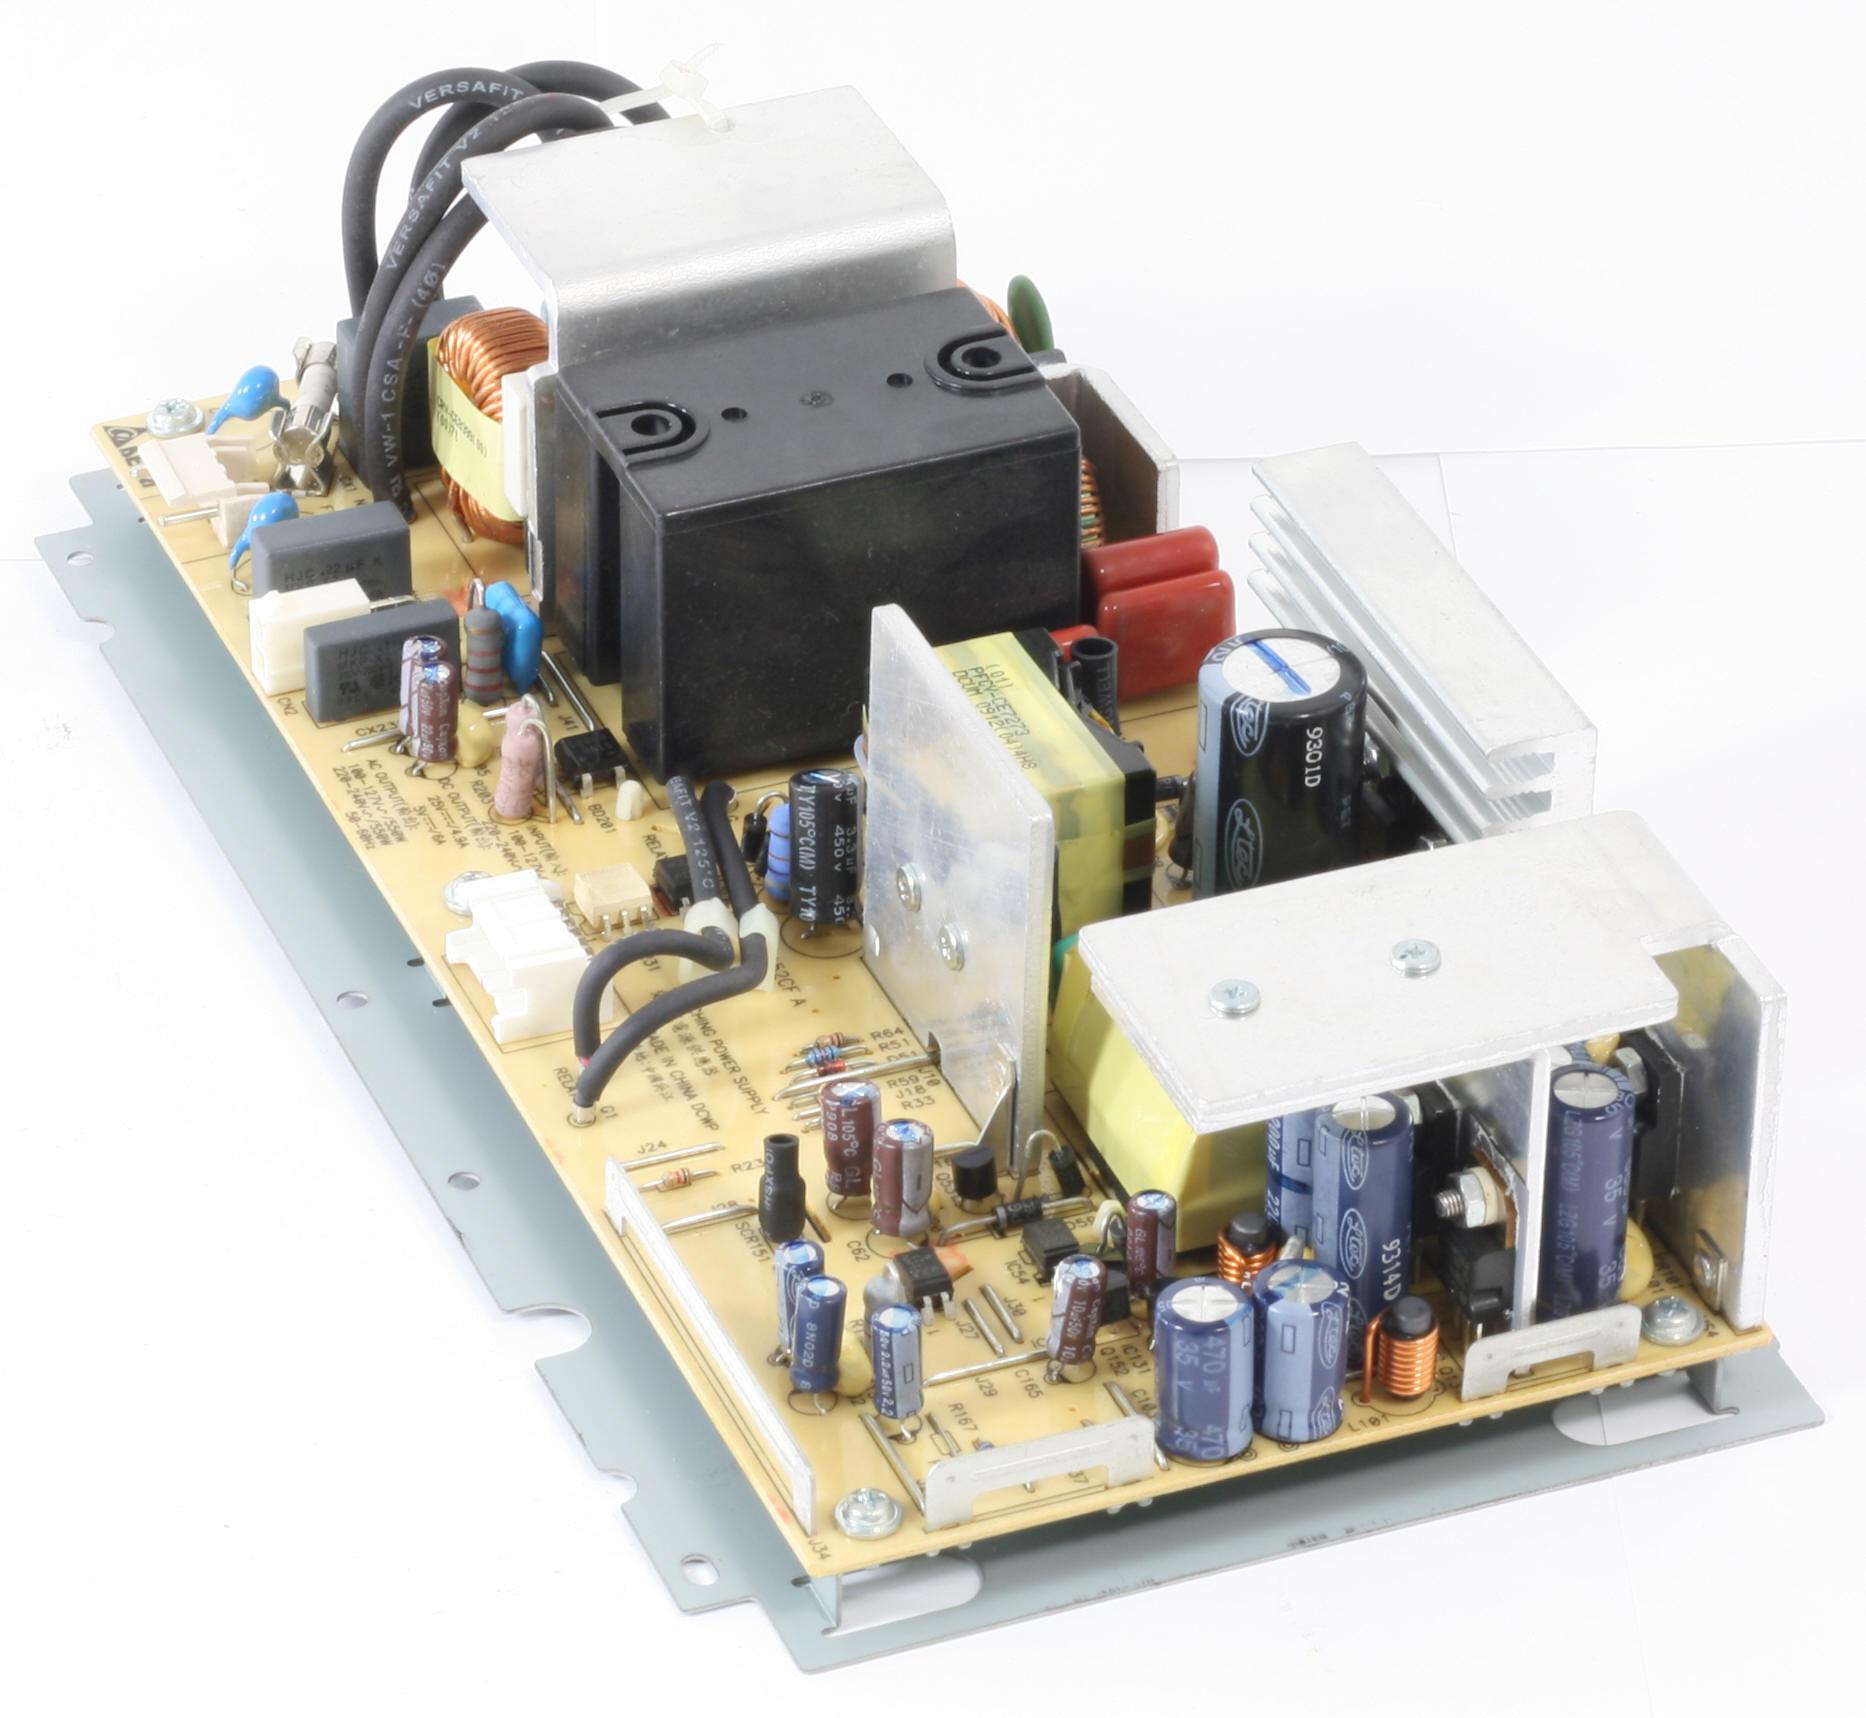 Lexmark Netzteil 40X5409 POWER SUPPLY 3001512 für C540 C543 C544 gebraucht